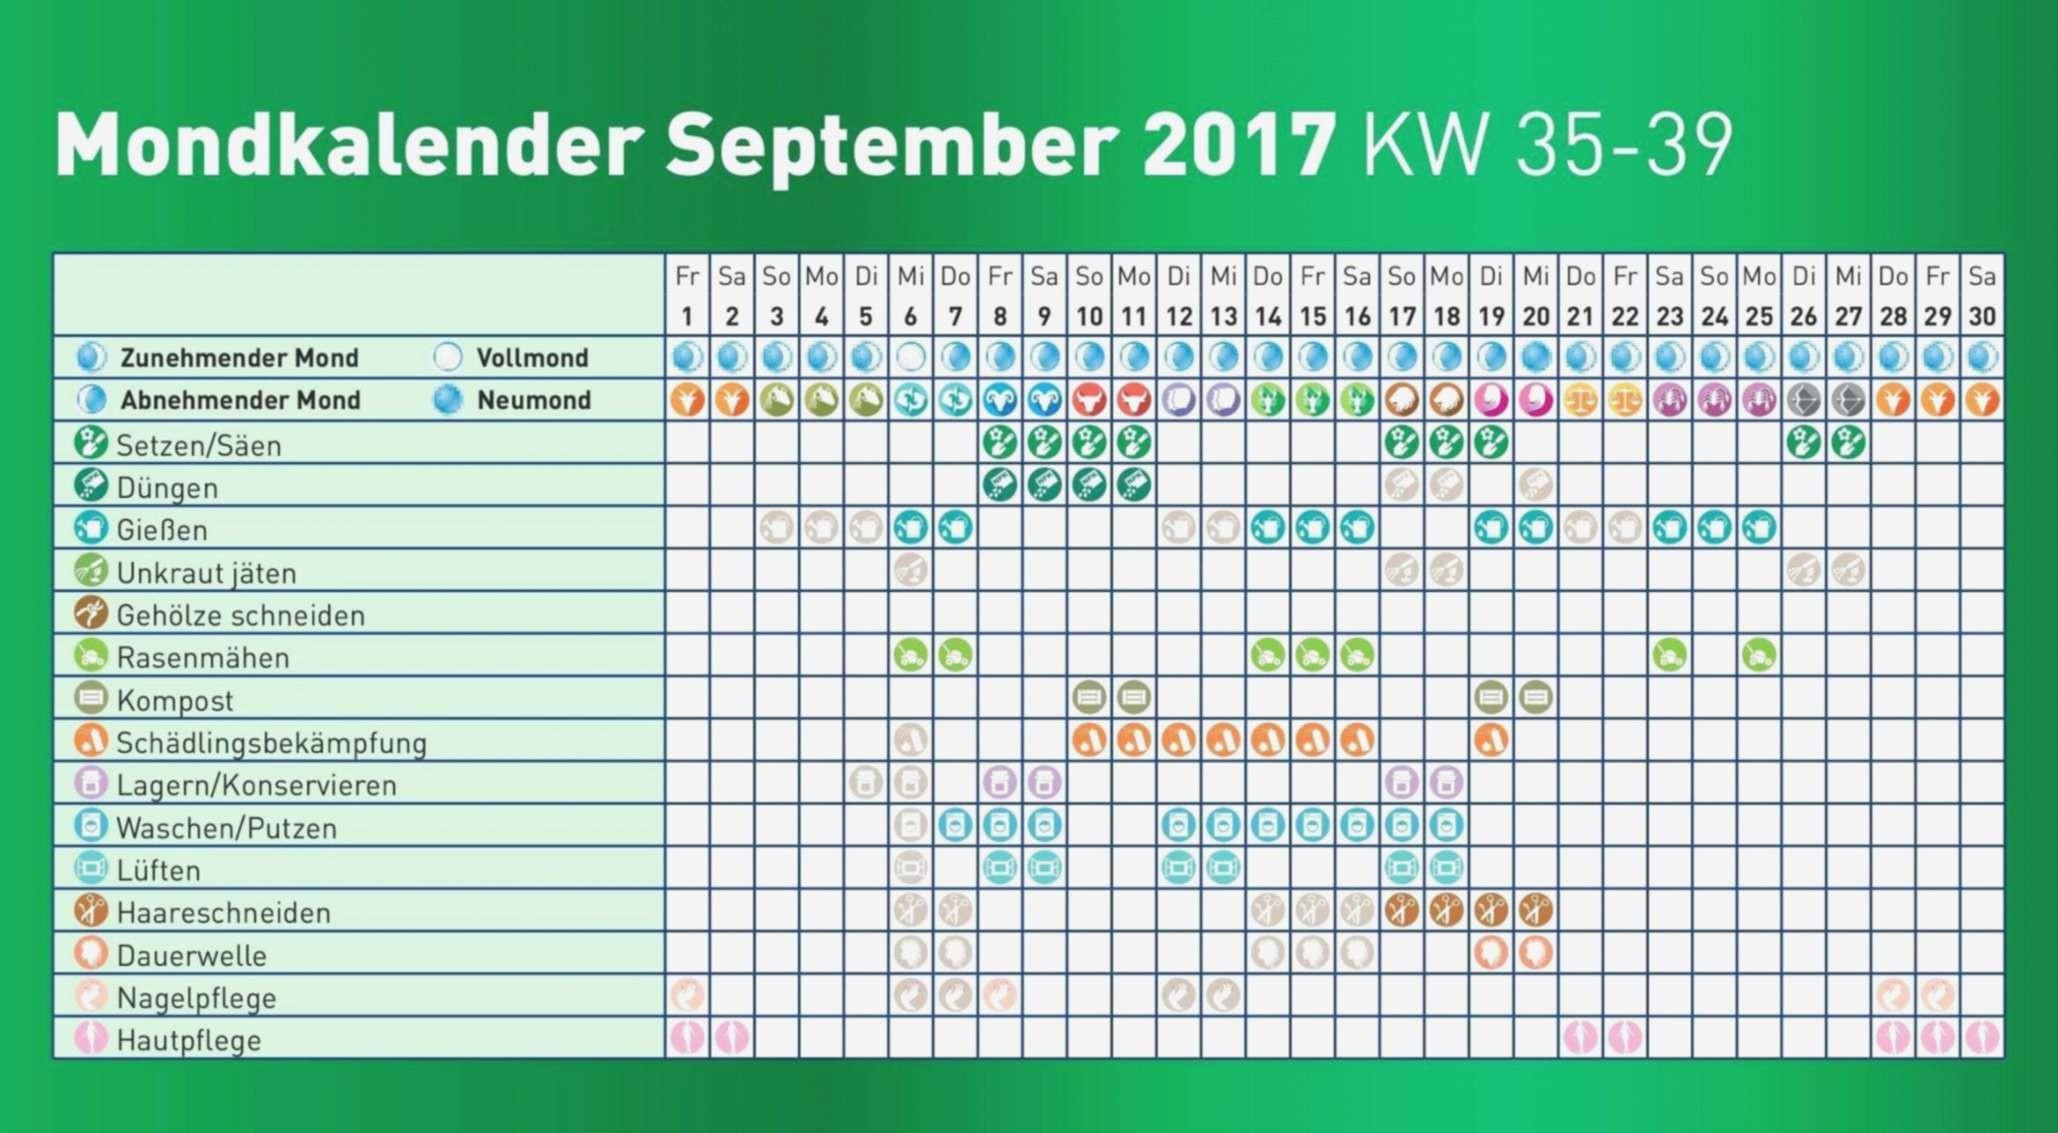 36 Reizend Mondkalender 2017 Garten Garten Gallerie